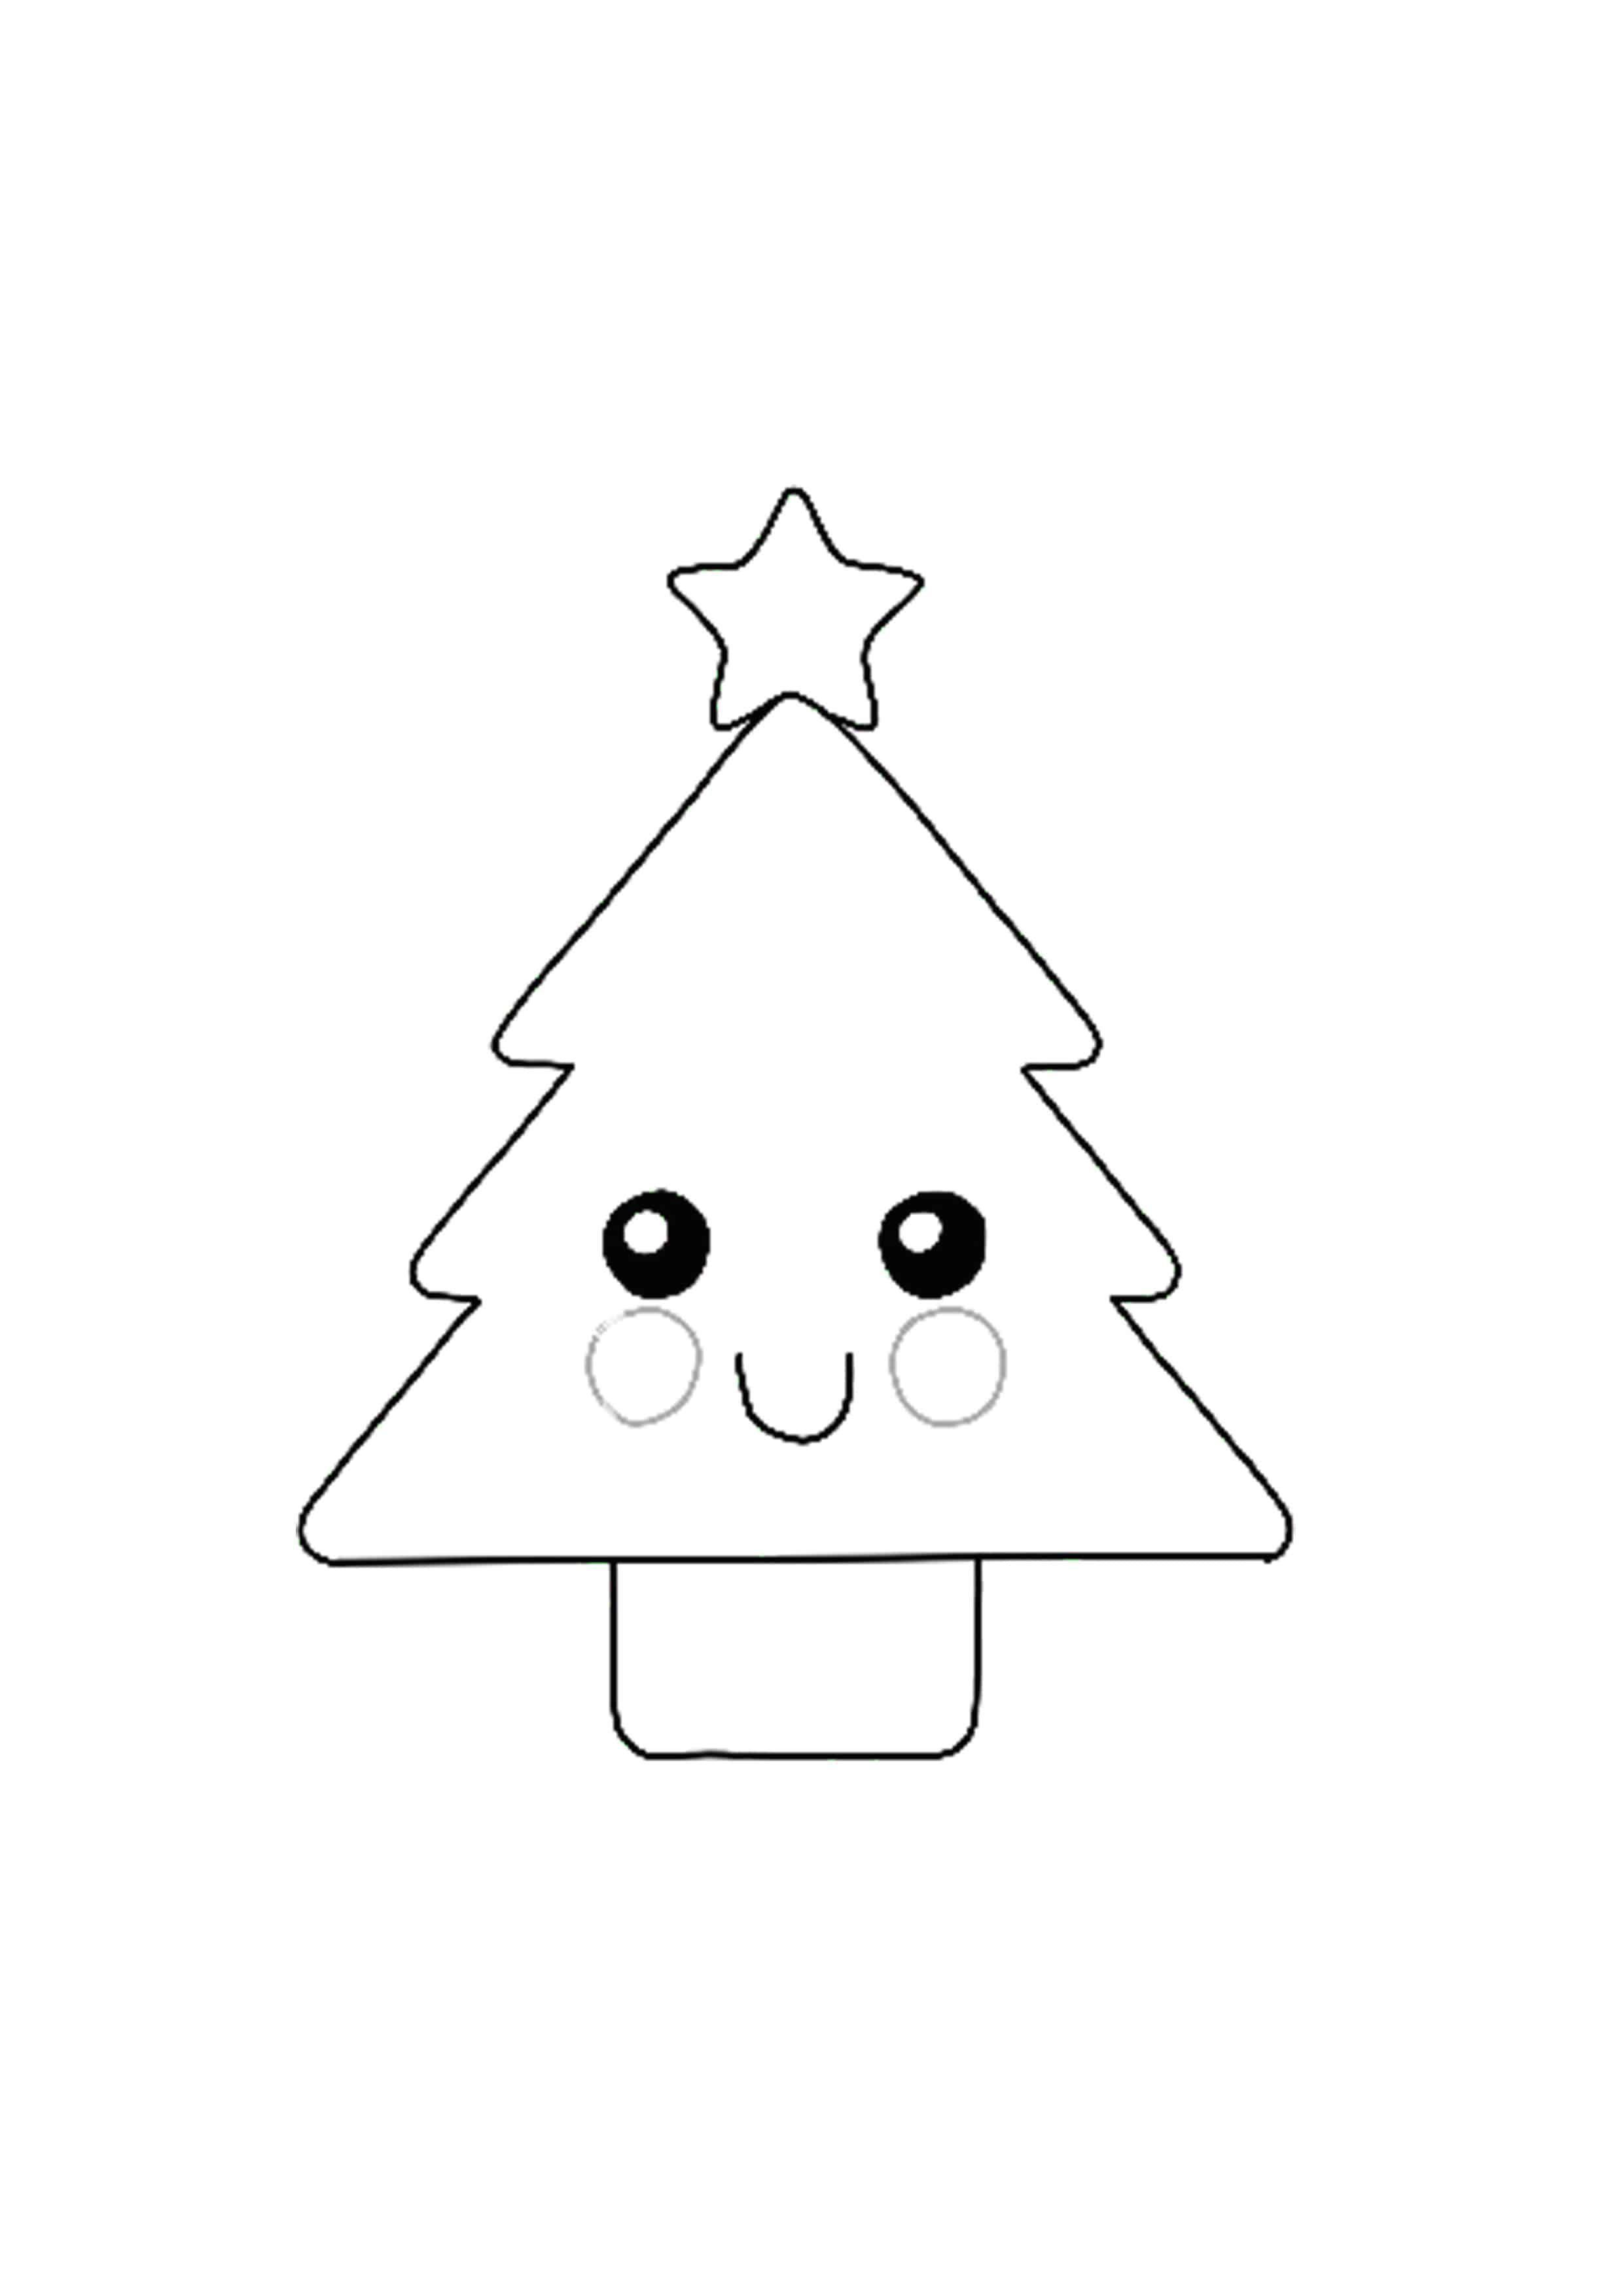 Kawaii Christmas Tree Coloring Page Printable Christmas Coloring Pages Free Printable Coloring Sheets Christmas Tree Coloring Page